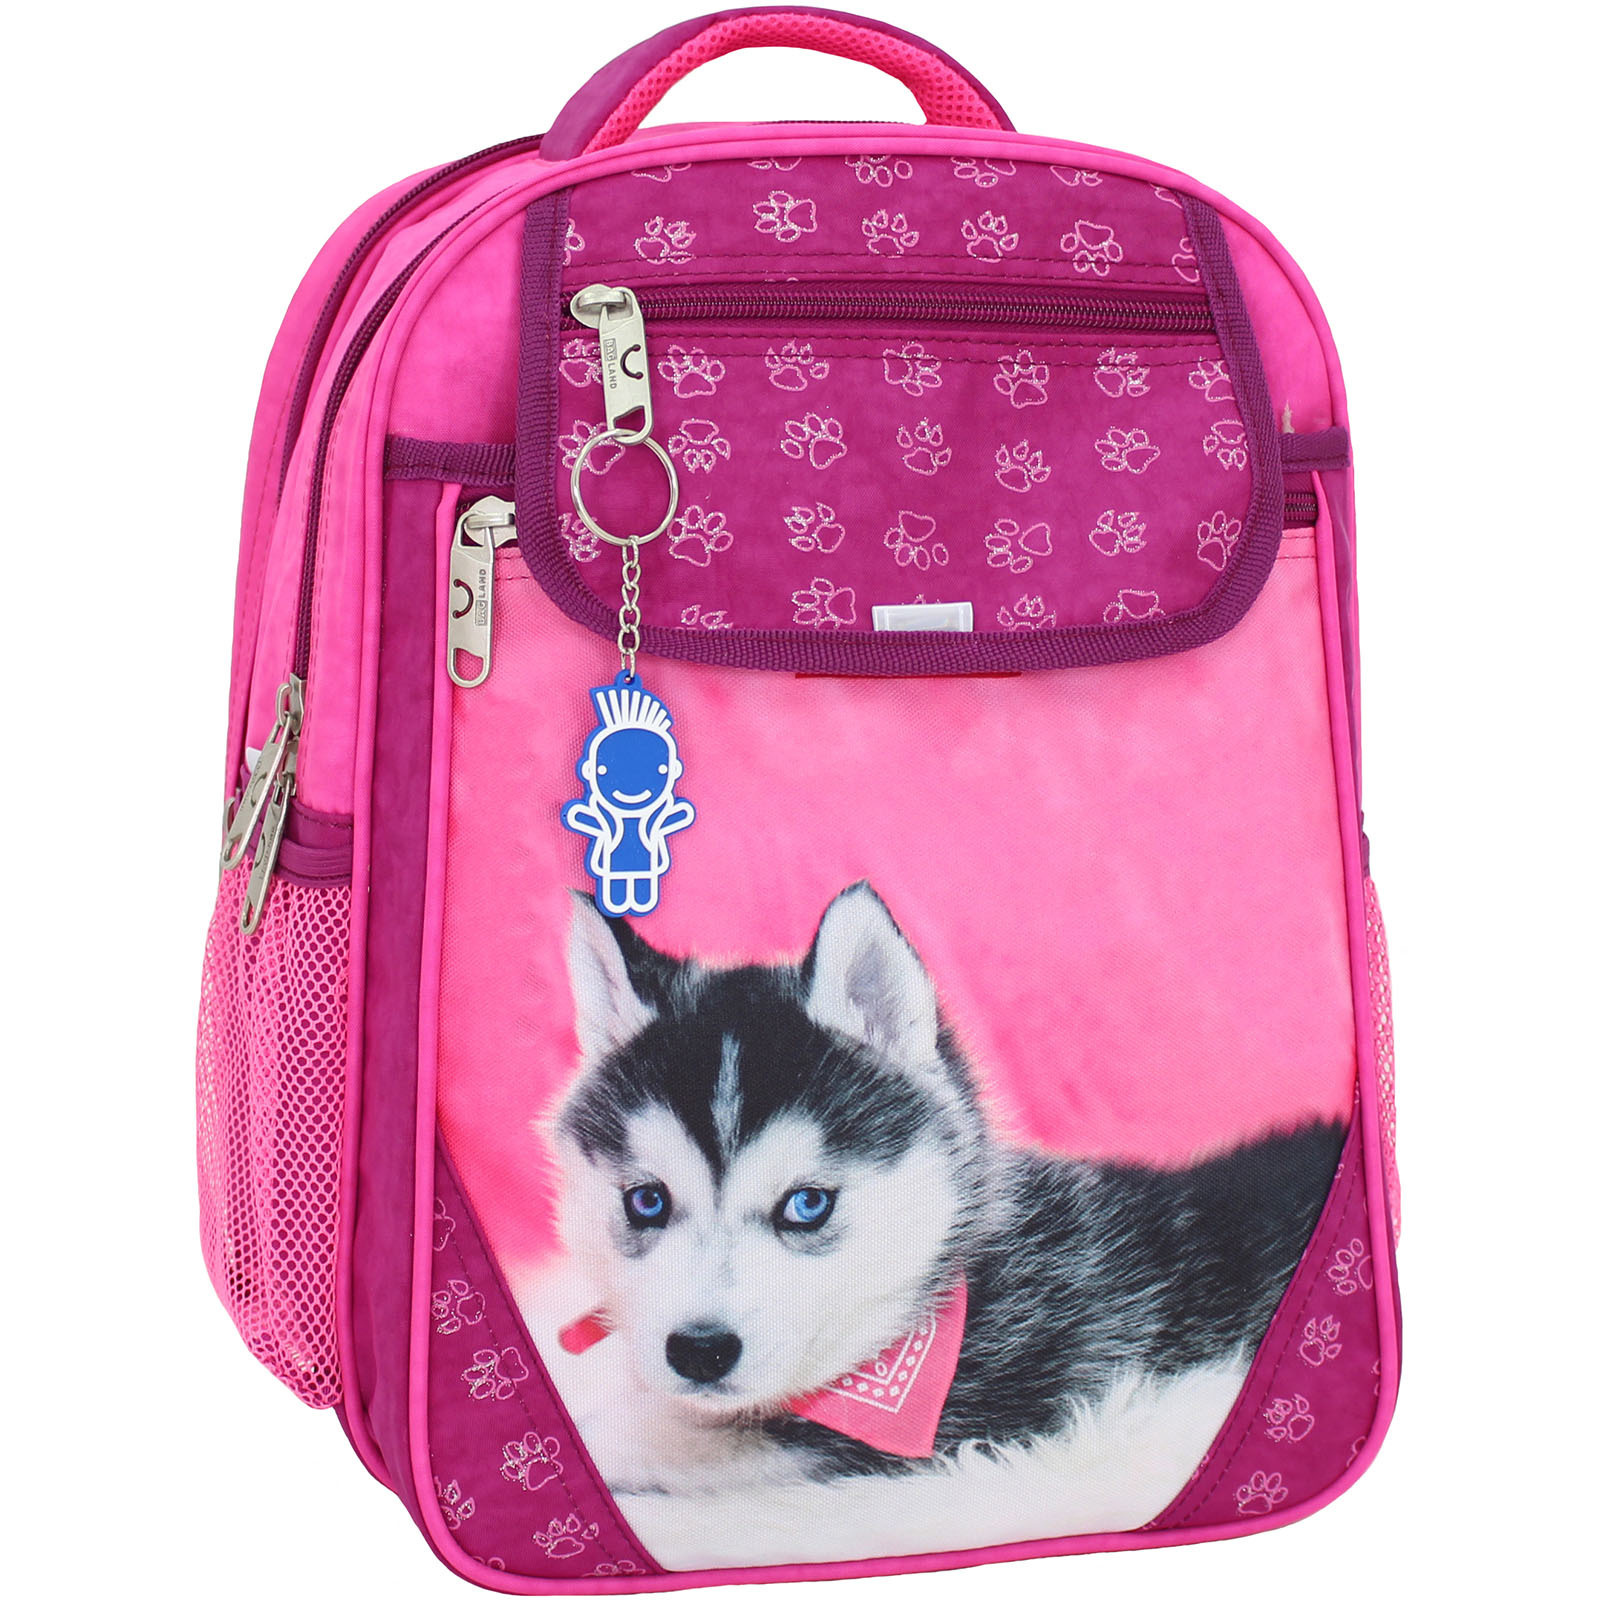 Школьные рюкзаки Рюкзак школьный Bagland Отличник 20 л. 143 малина 141 д (0058070) IMG_7327.JPG